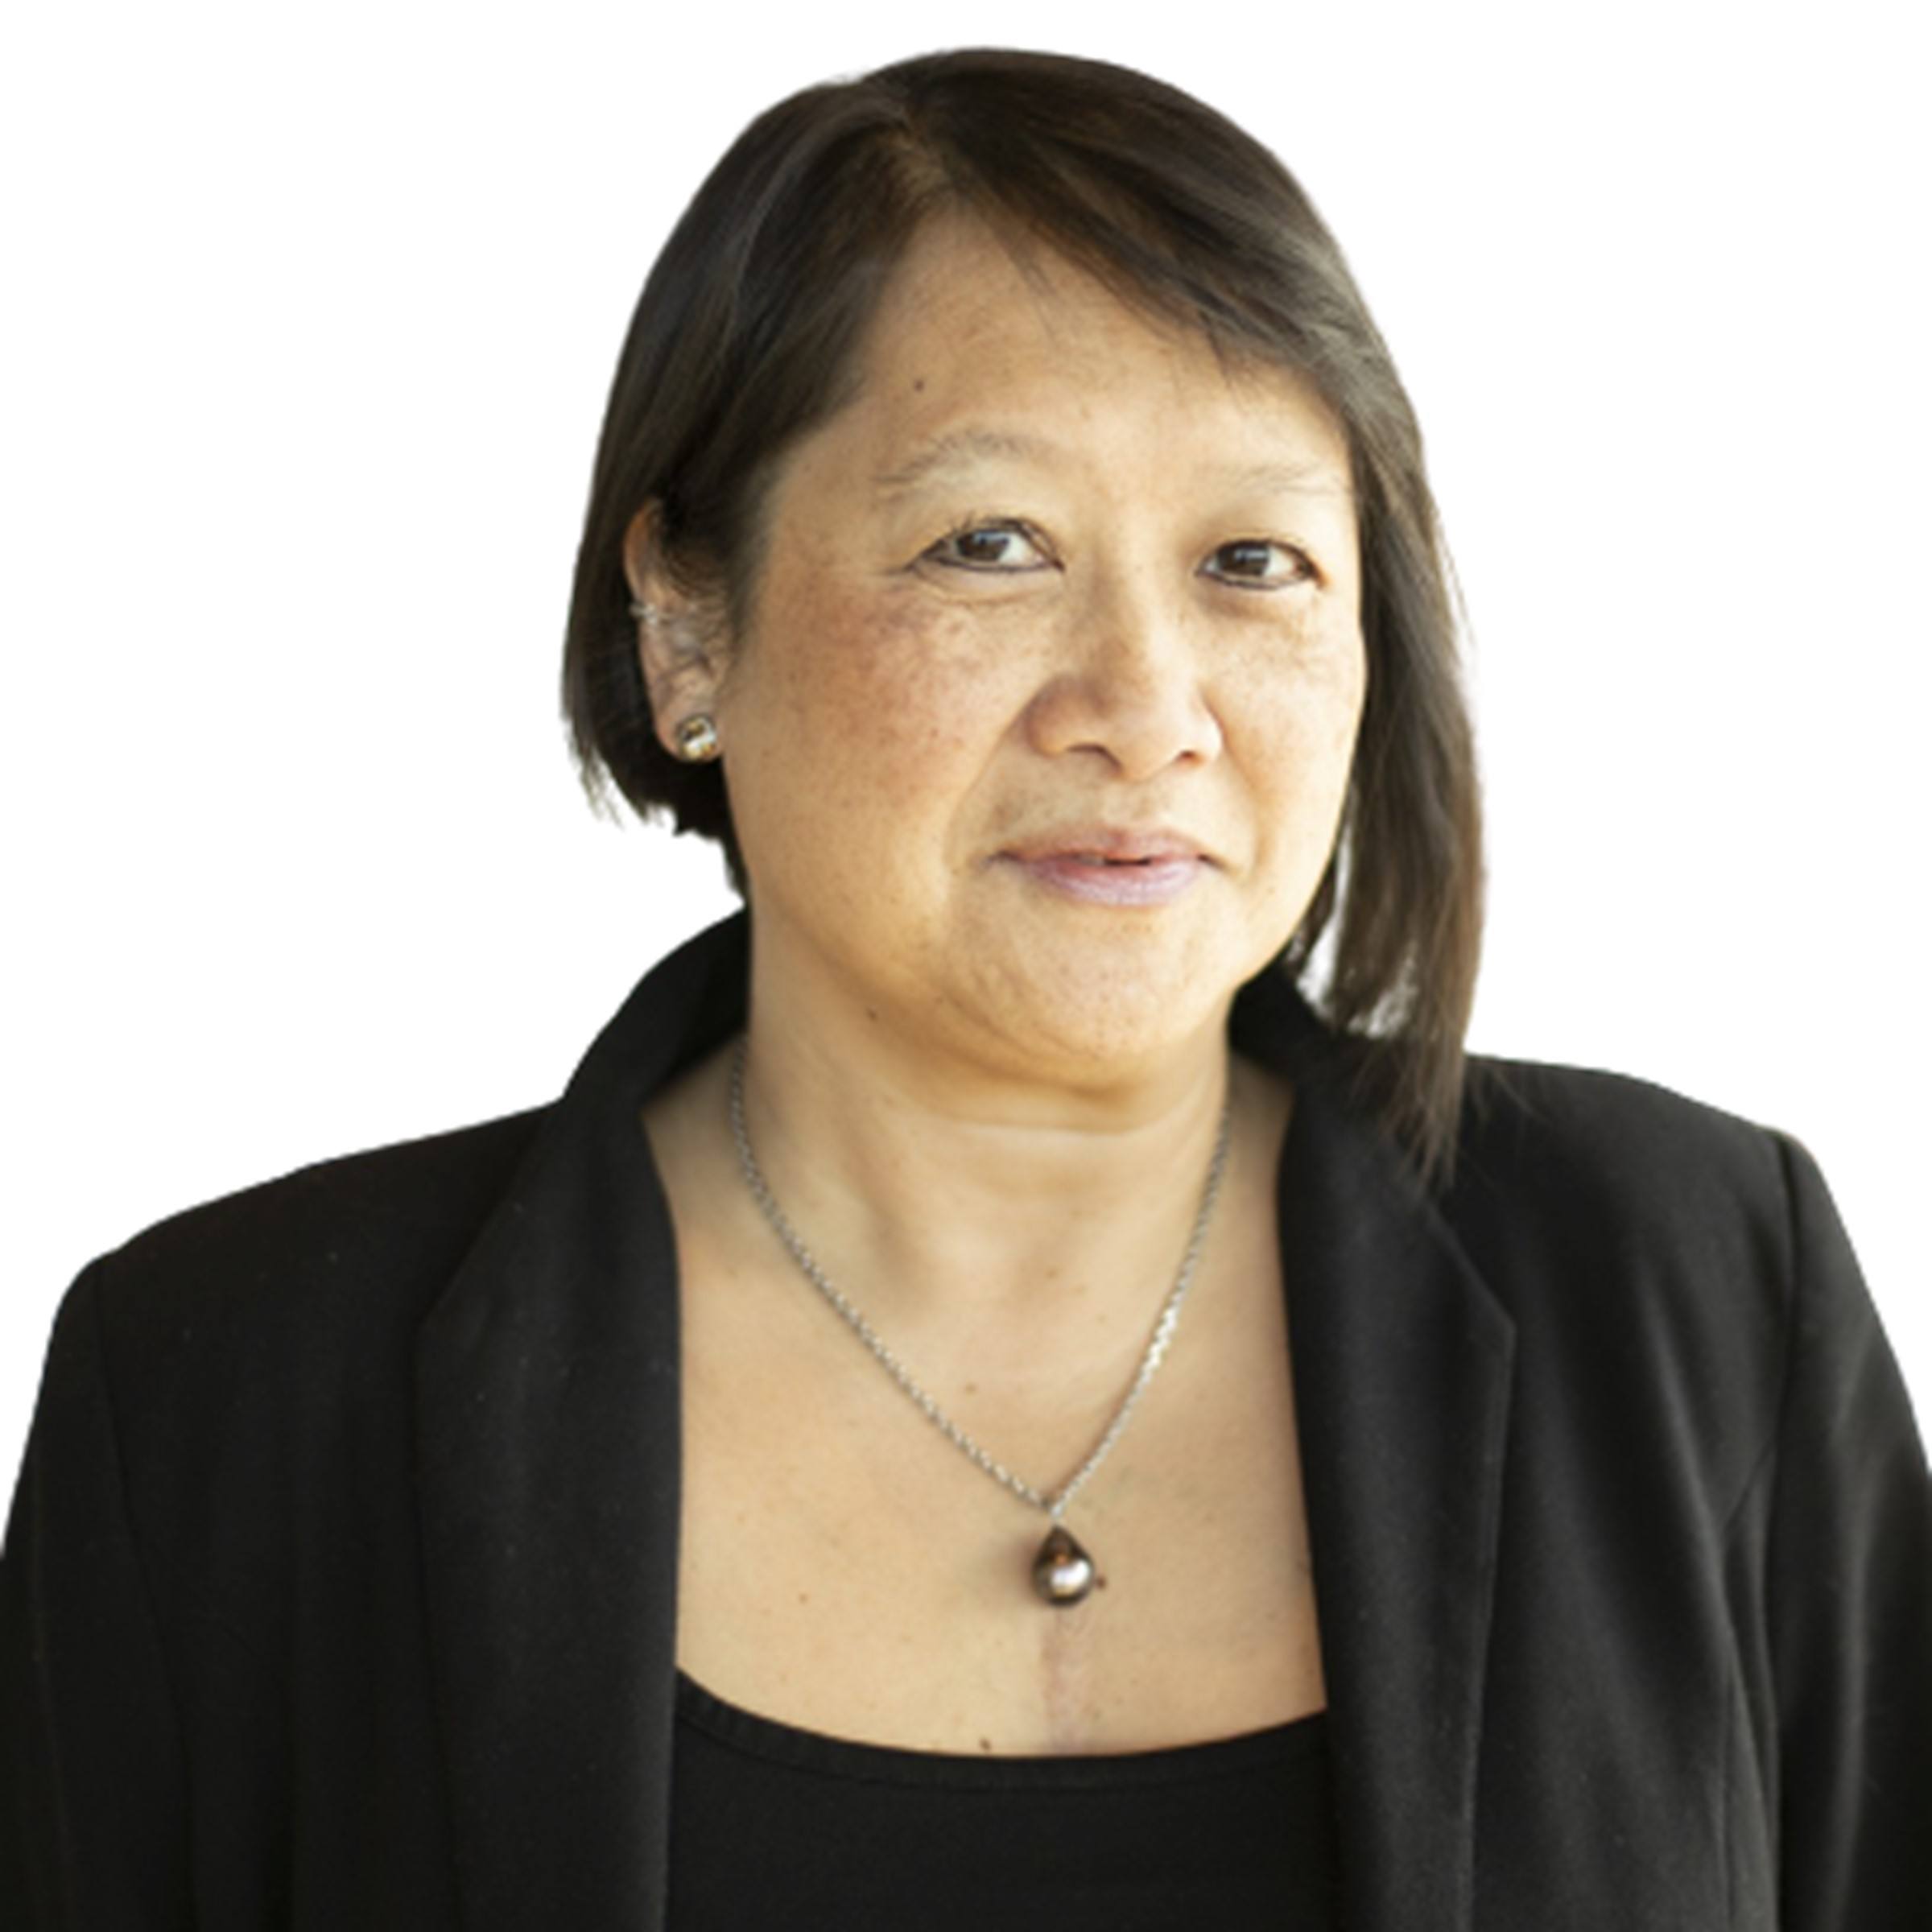 Cecilia Wessinger